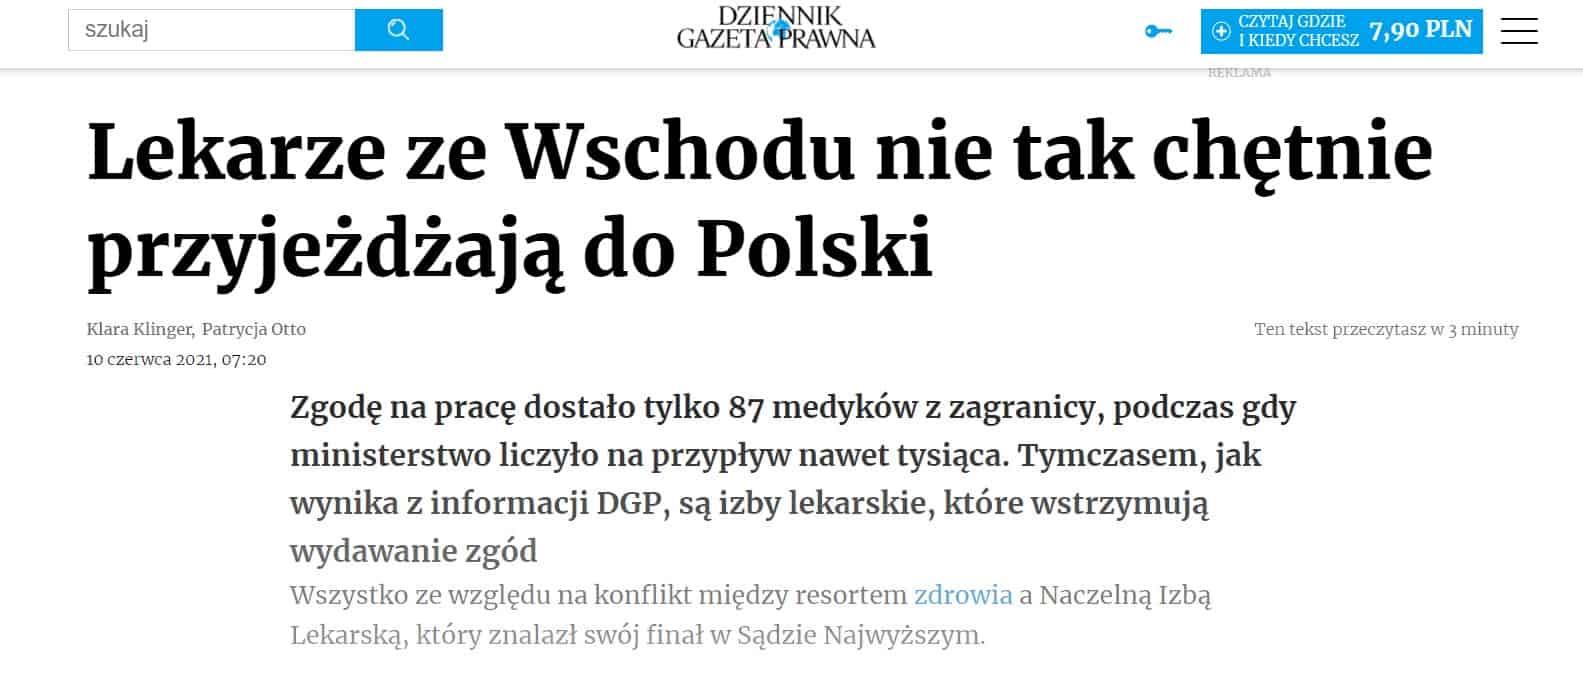 Lekarze ze Wschodu nie tak chętnie przyjeżdżają do Polski